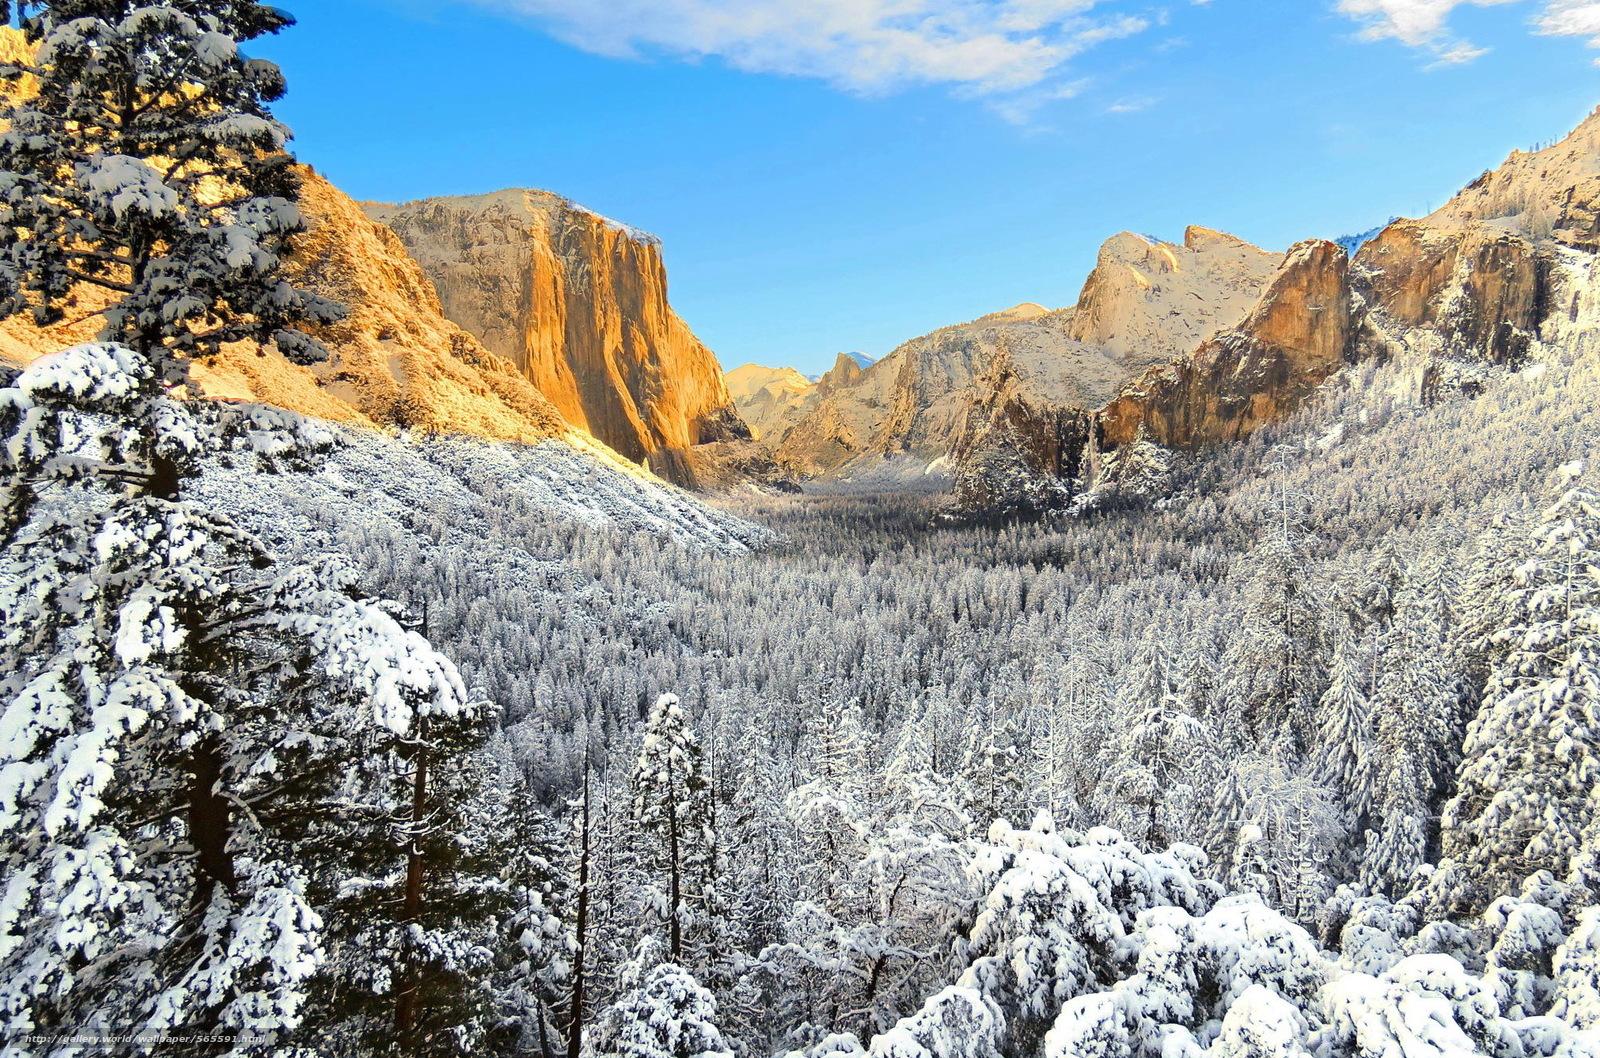 下载壁纸 美国,  优胜美地,  加州,  冬天 免费为您的桌面分辨率的壁纸 2022x1337 — 图片 №565591